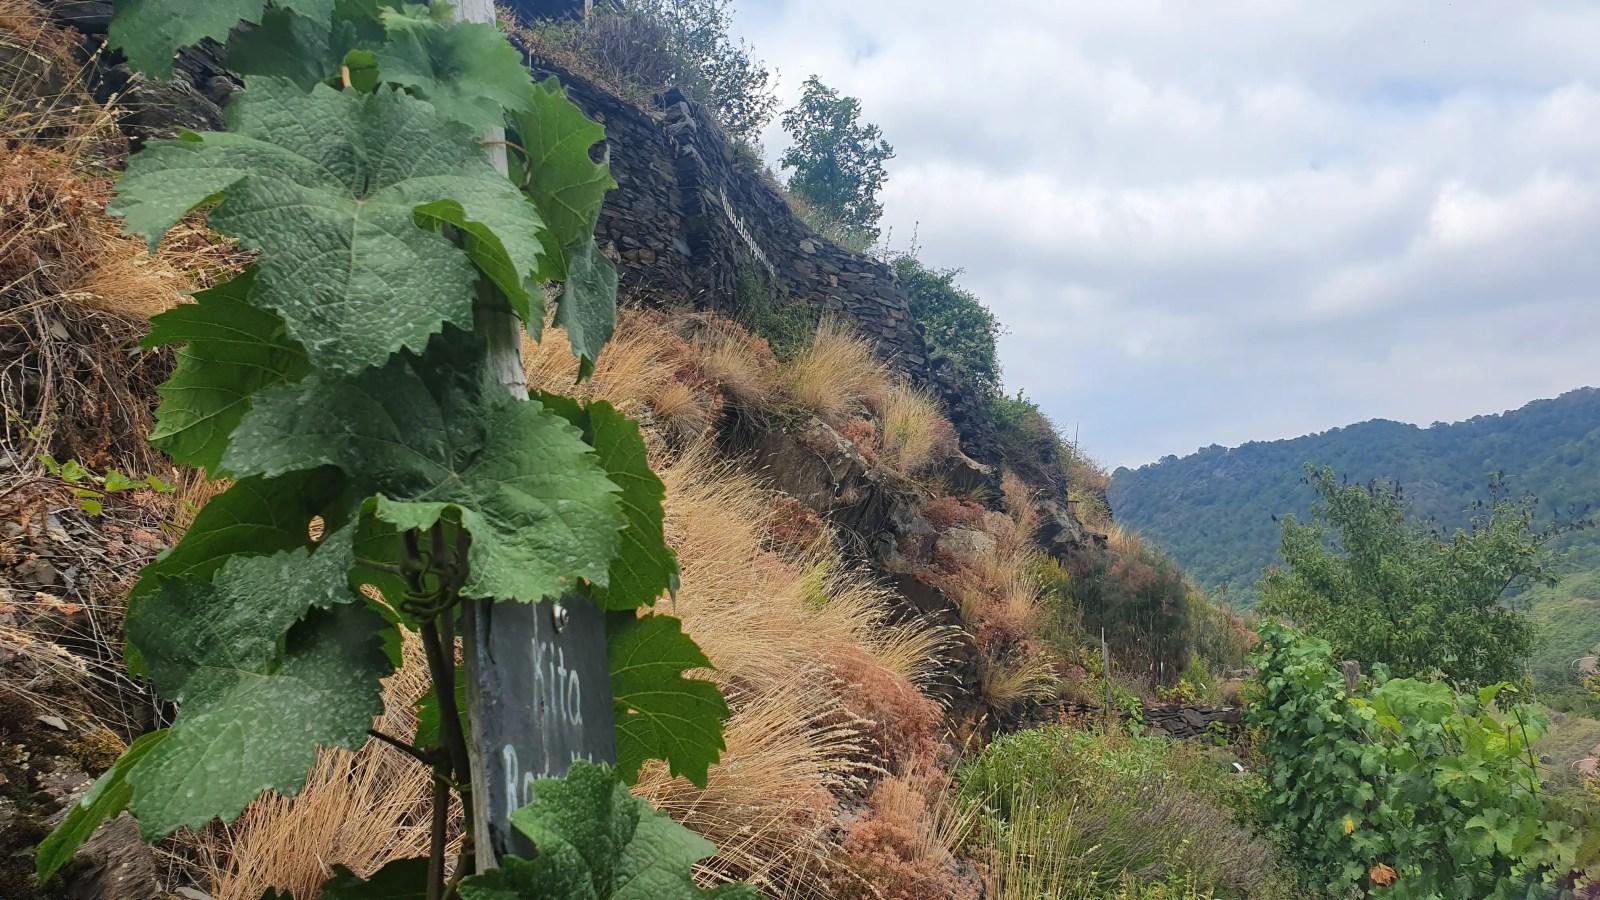 Lavendel, Rosen und Kräuter in den Weinbergen sind nicht nur schön, sondern auch nützlich.